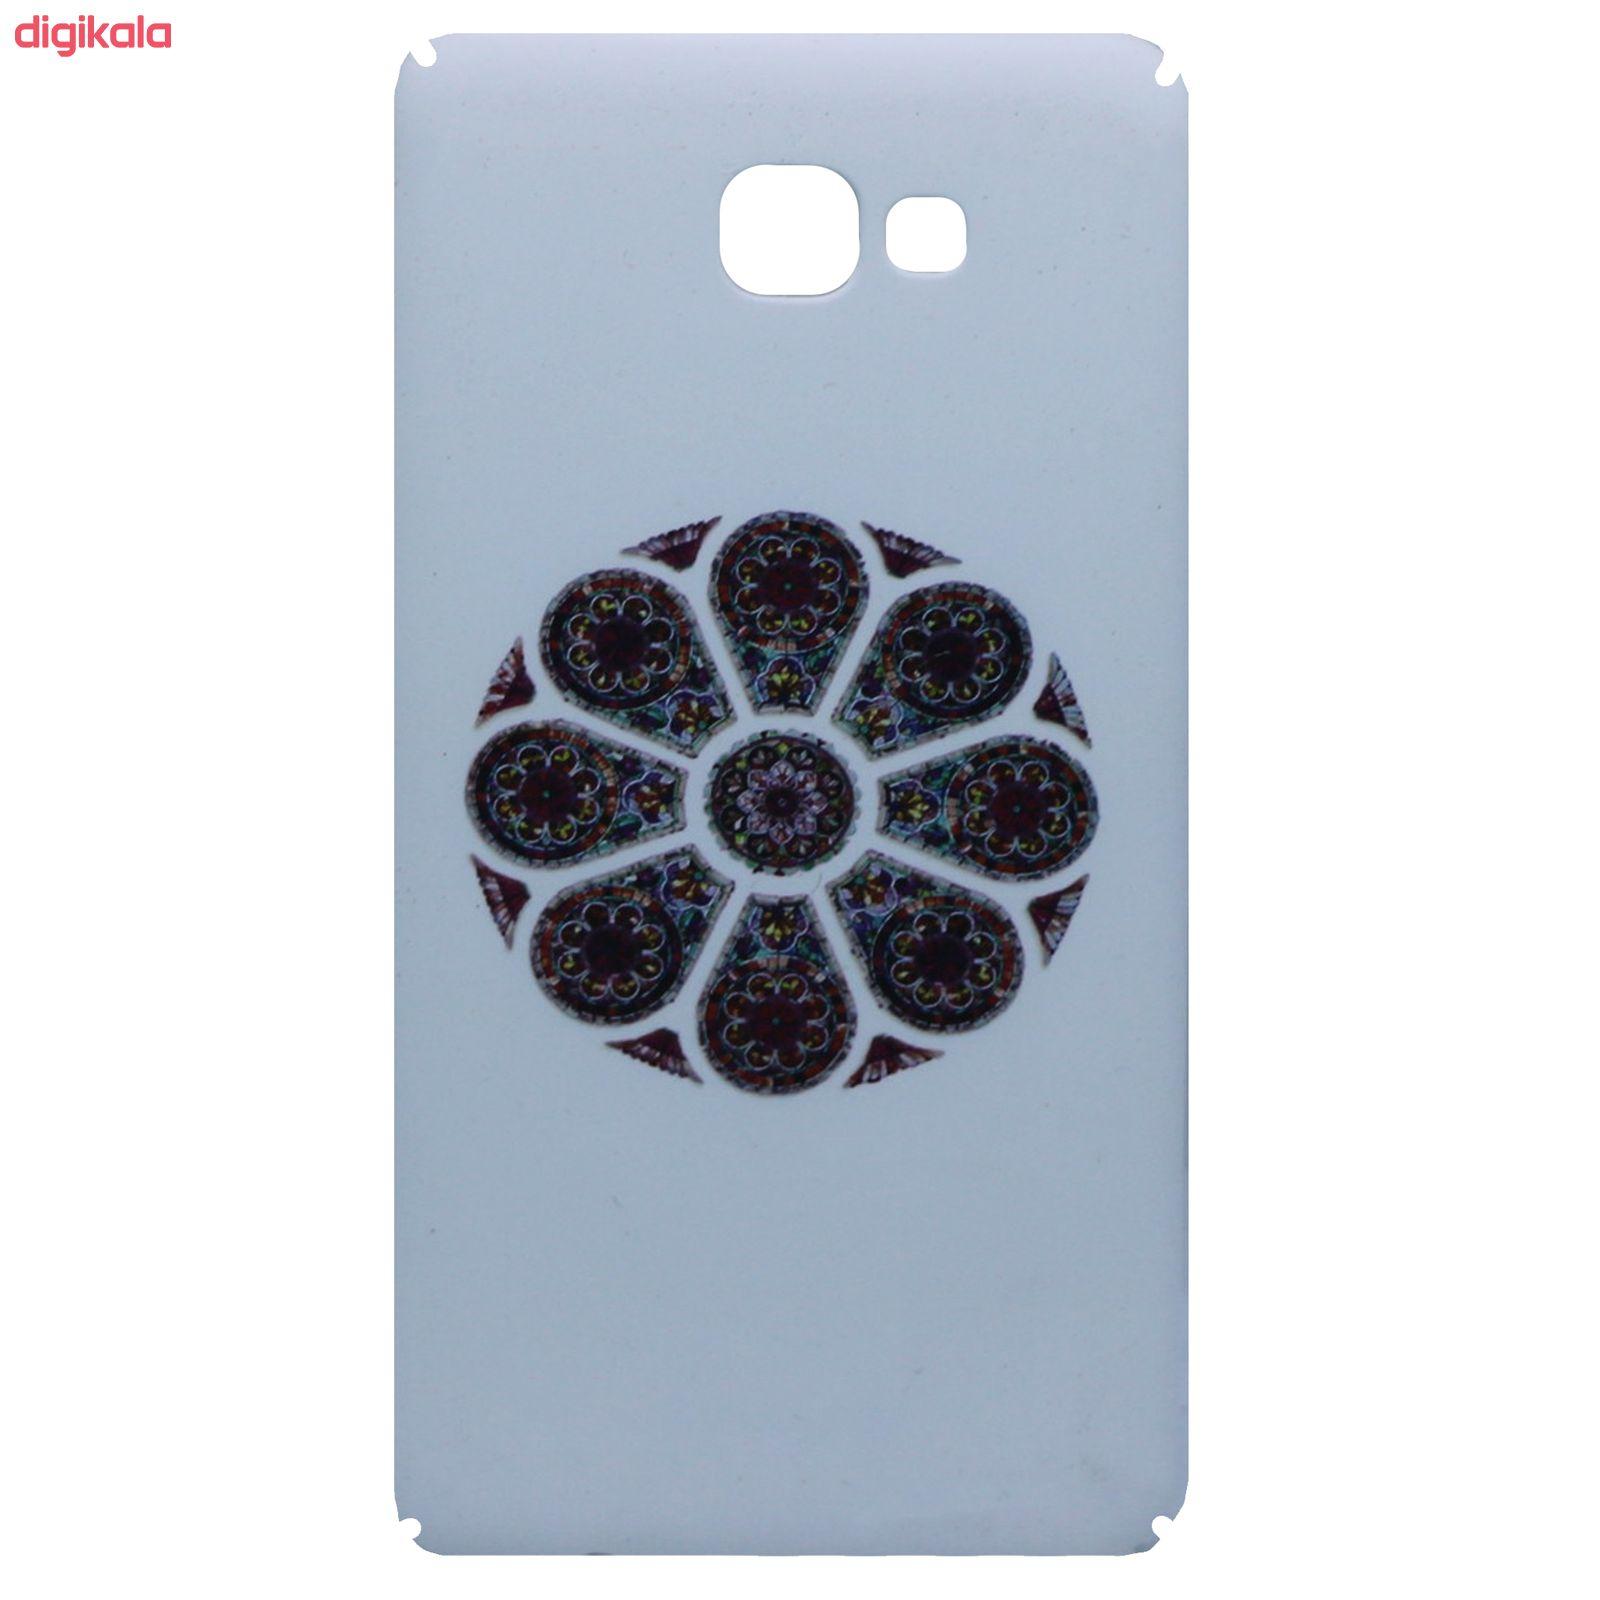 کاور طرح گل سنتی مدل SG-1 مناسب برای گوشی موبایل سامسونگ Galaxy J5 PRIME